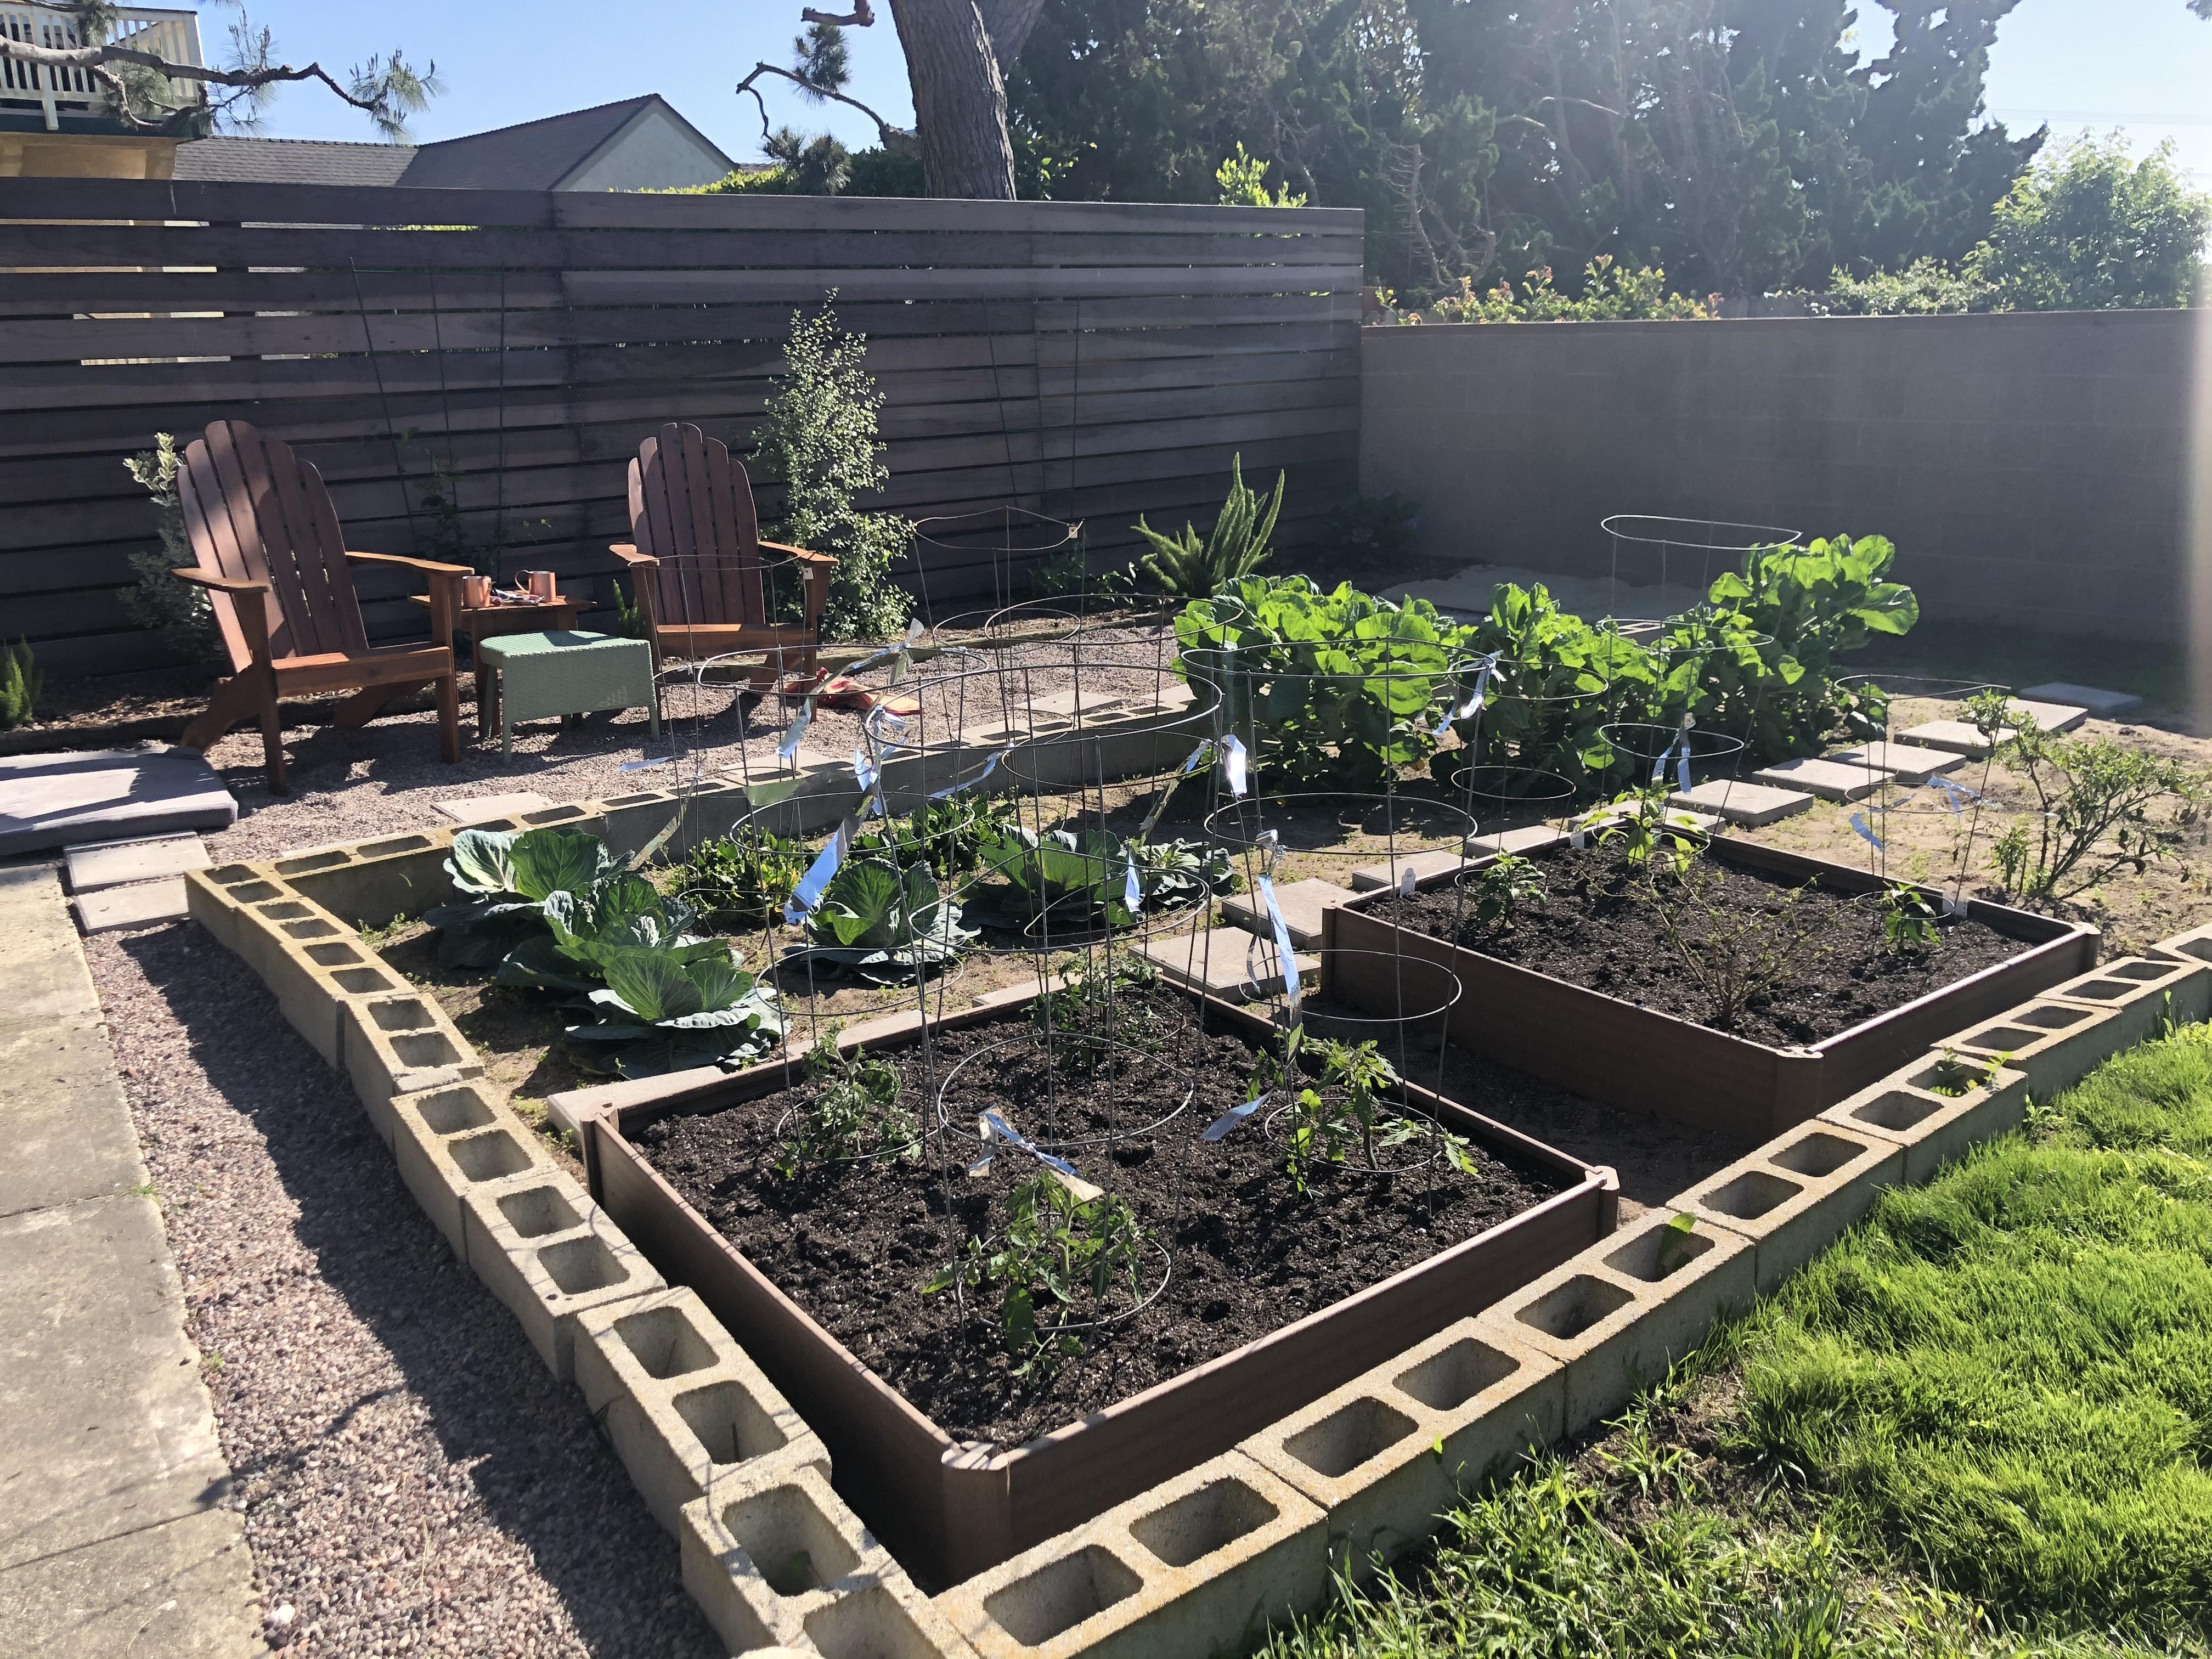 Winter to Summer Garden